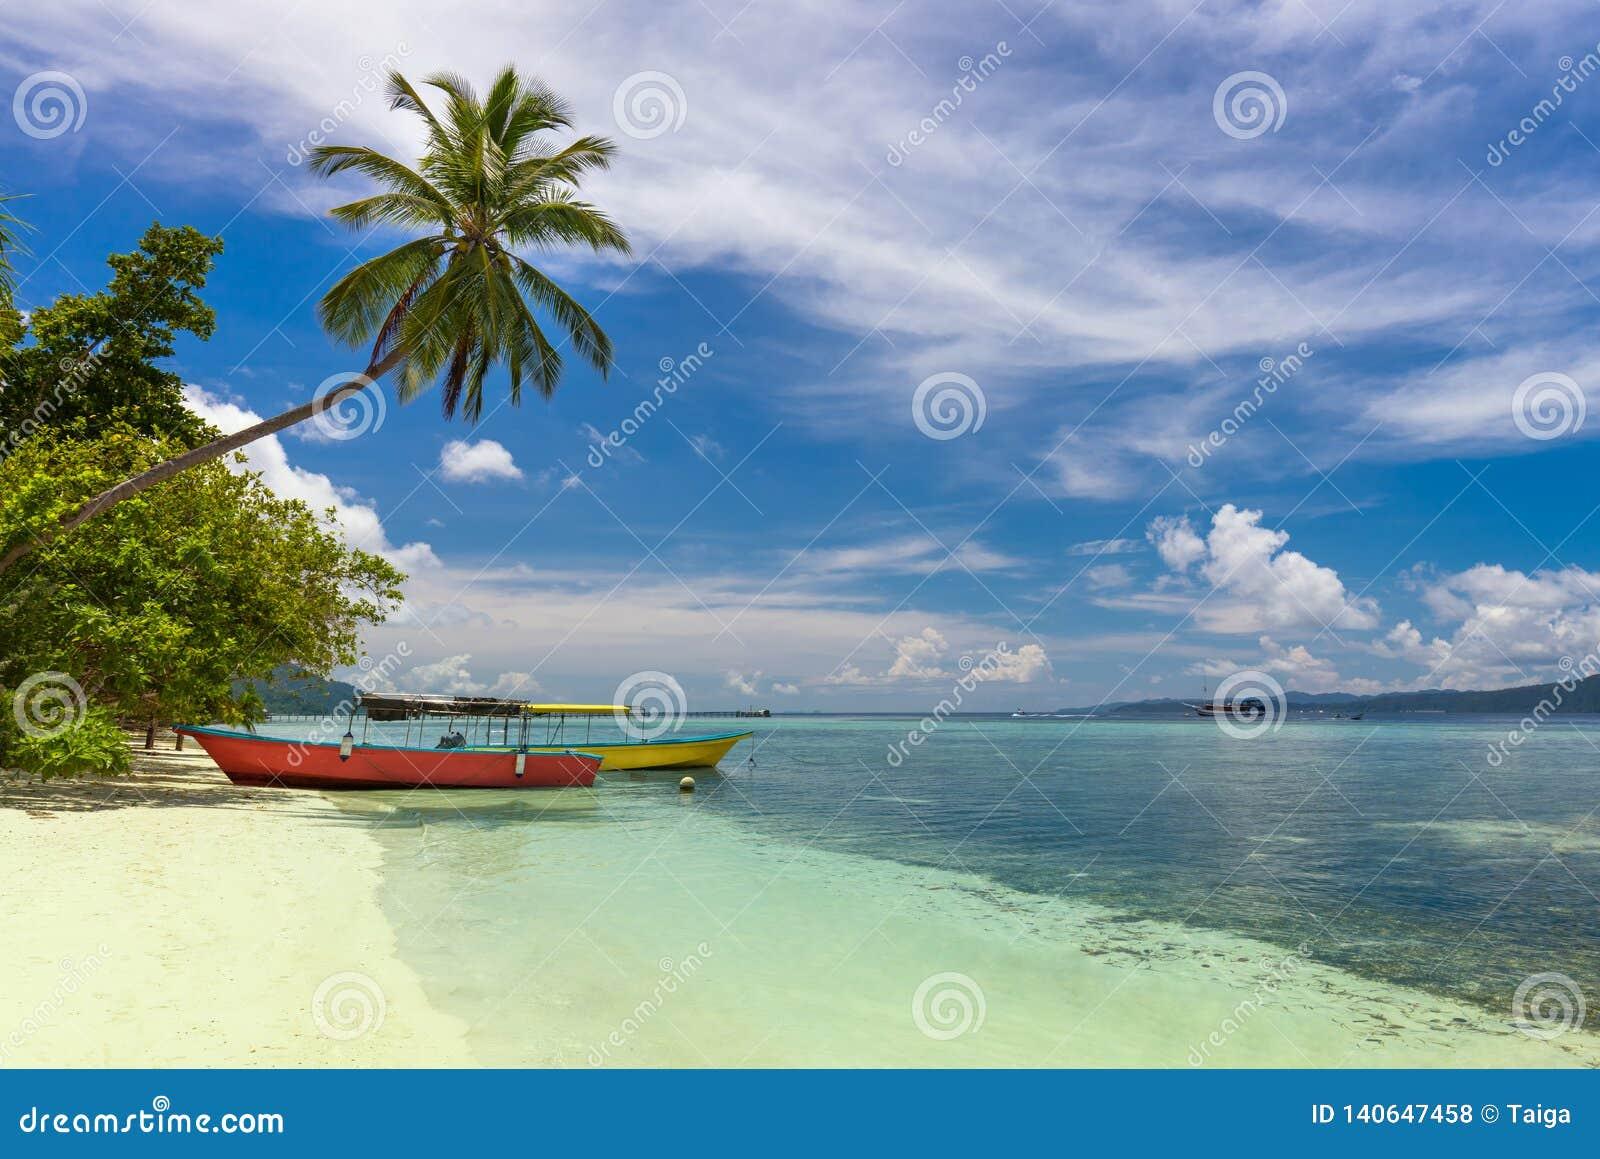 Barcos locais de duas cores na costa da ilha, na praia tropical com palma de coco, na areia branca e na água de turquesa